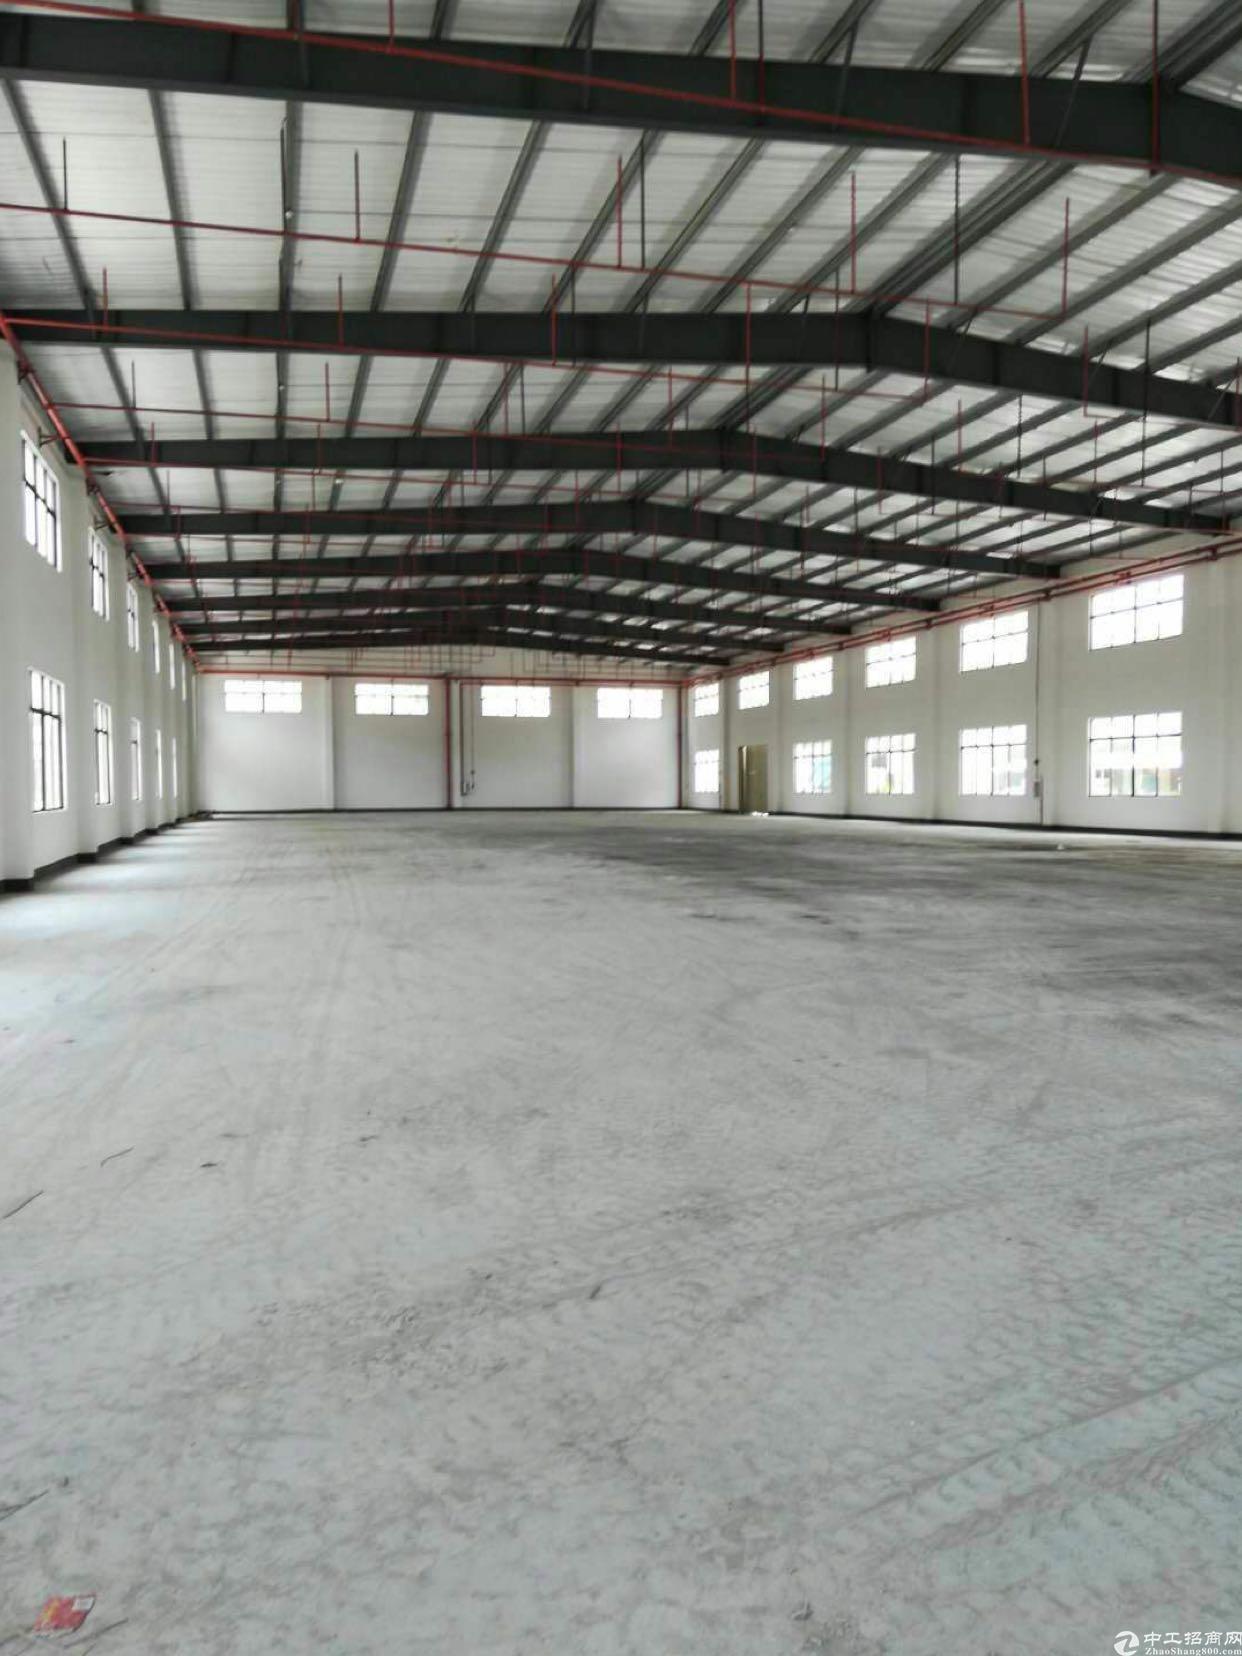 惠州市惠东县白花镇自建红本钢构厂房